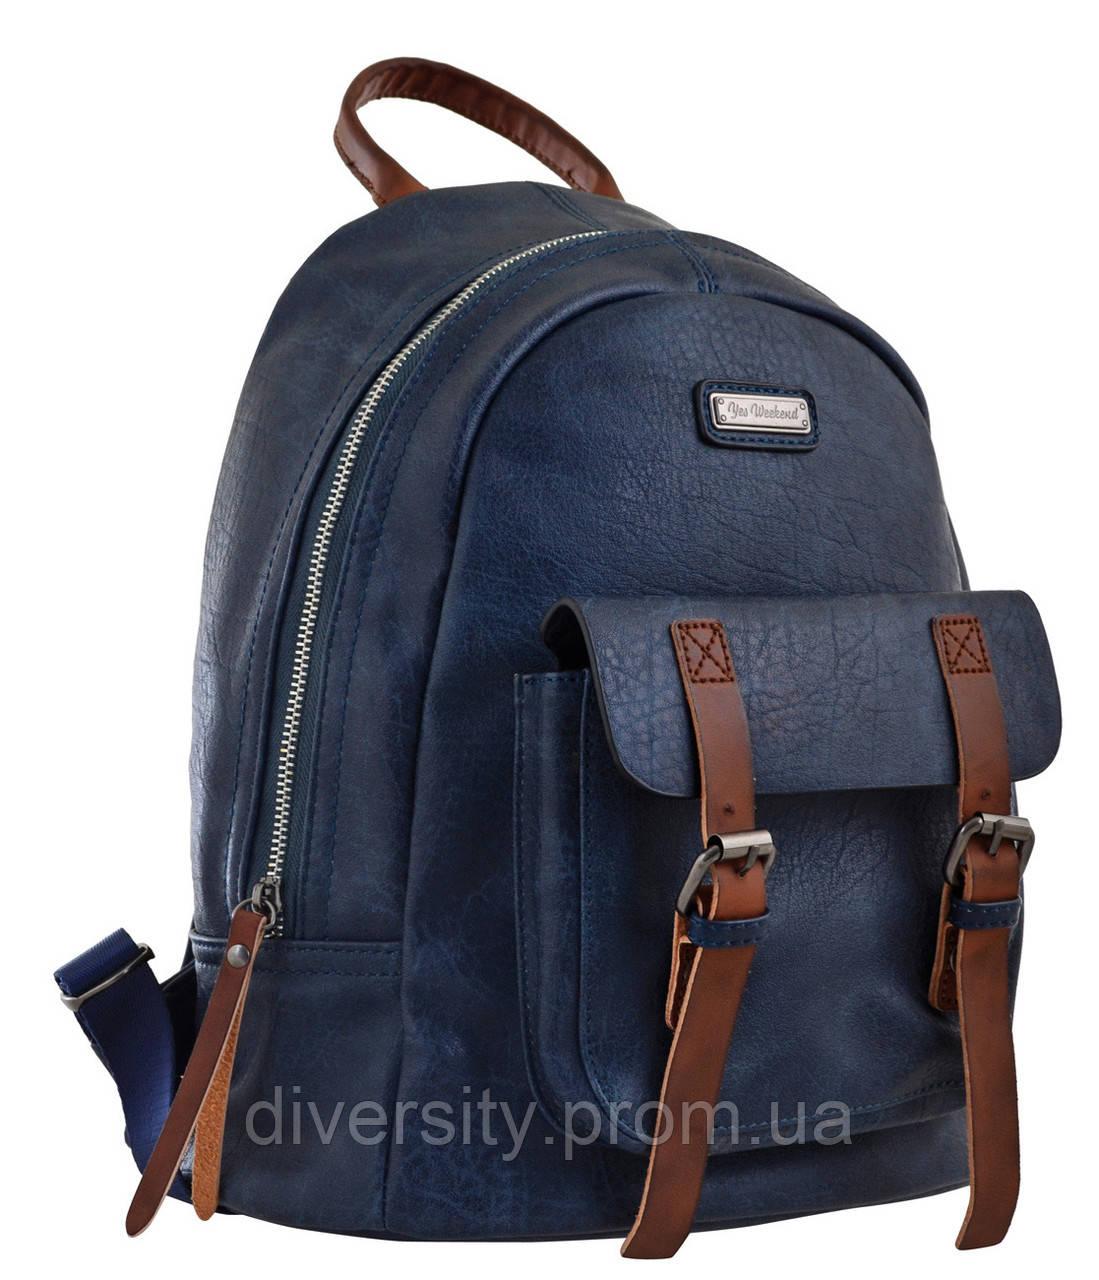 Женский рюкзак YES YW-18,  синий